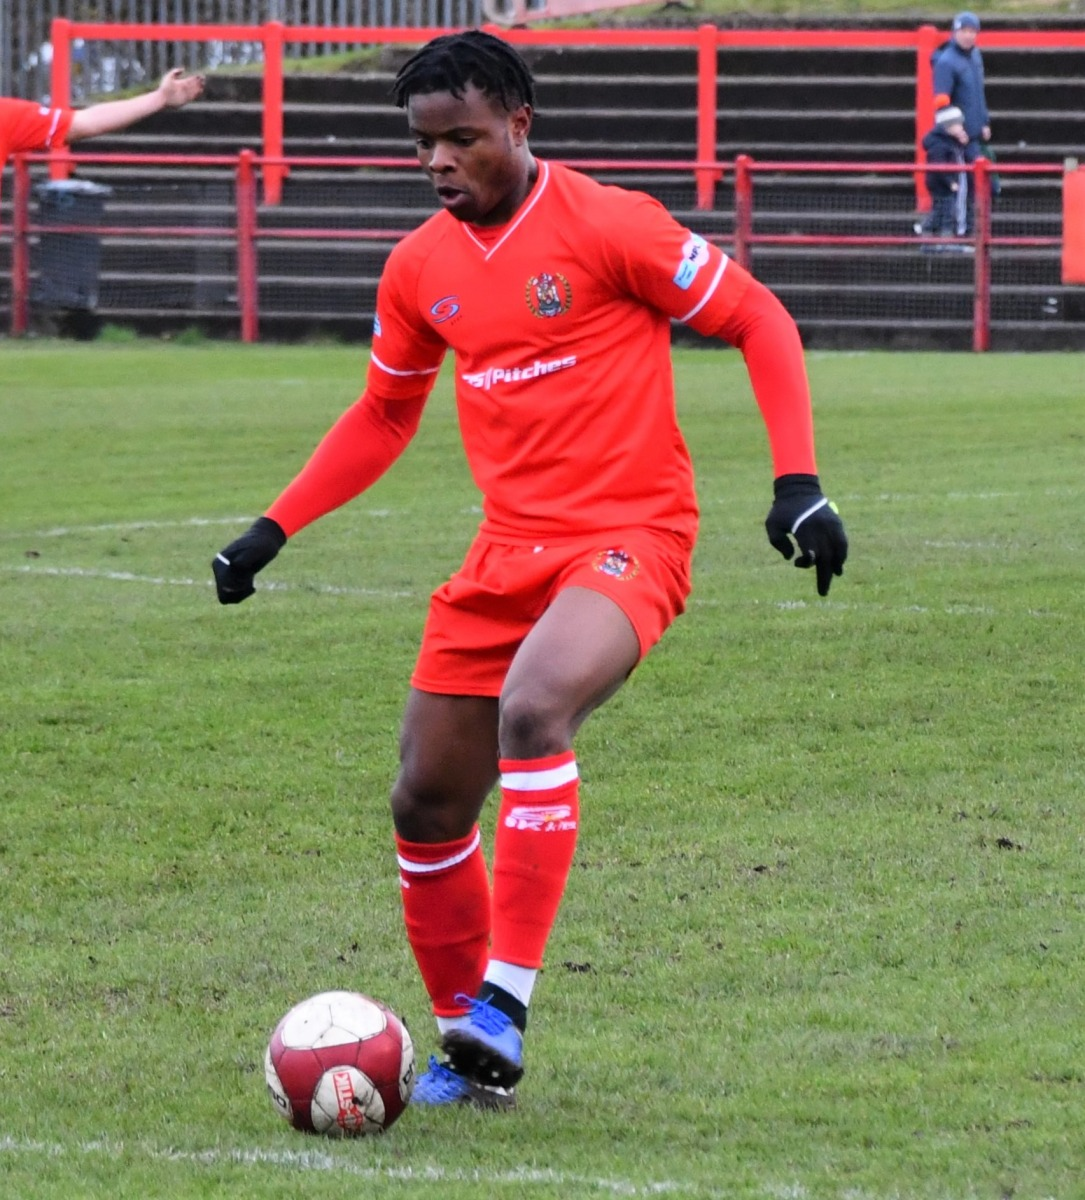 Workington-Reds-v-Ossett-Utd-Ben-Challis-15